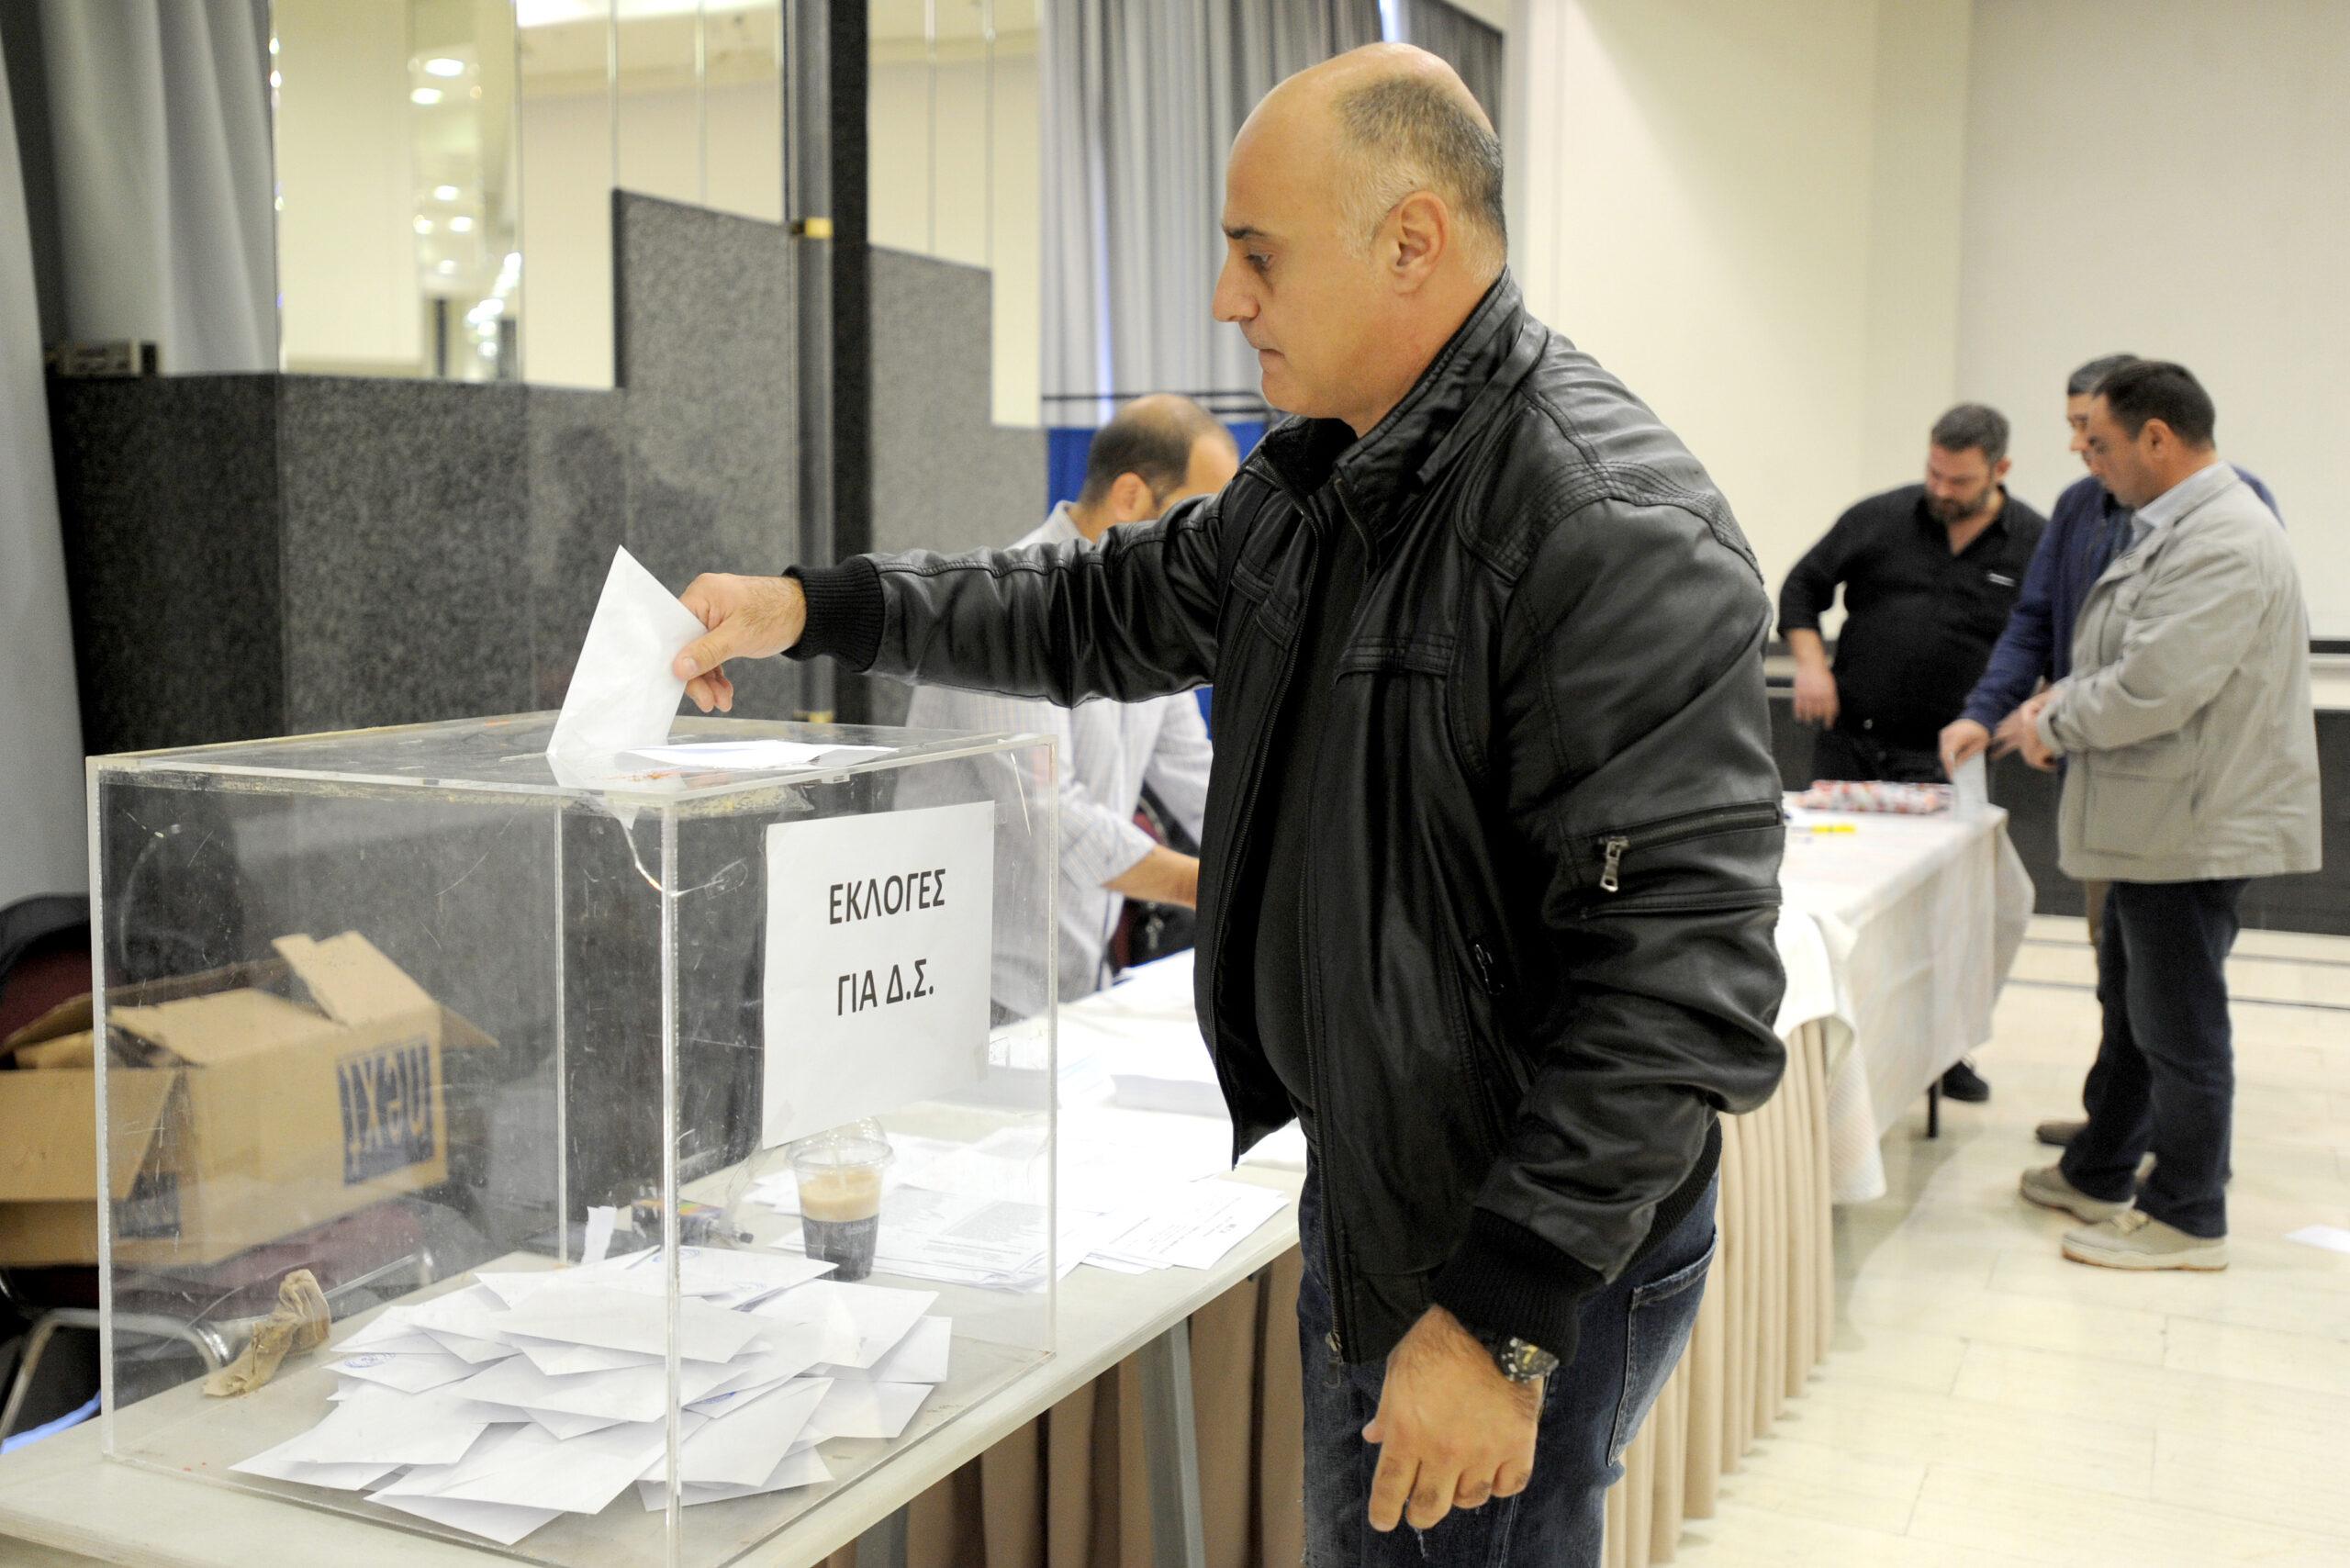 Αναλυτικά αποτελέσματα εκλογών του Ε.Κ.Θ